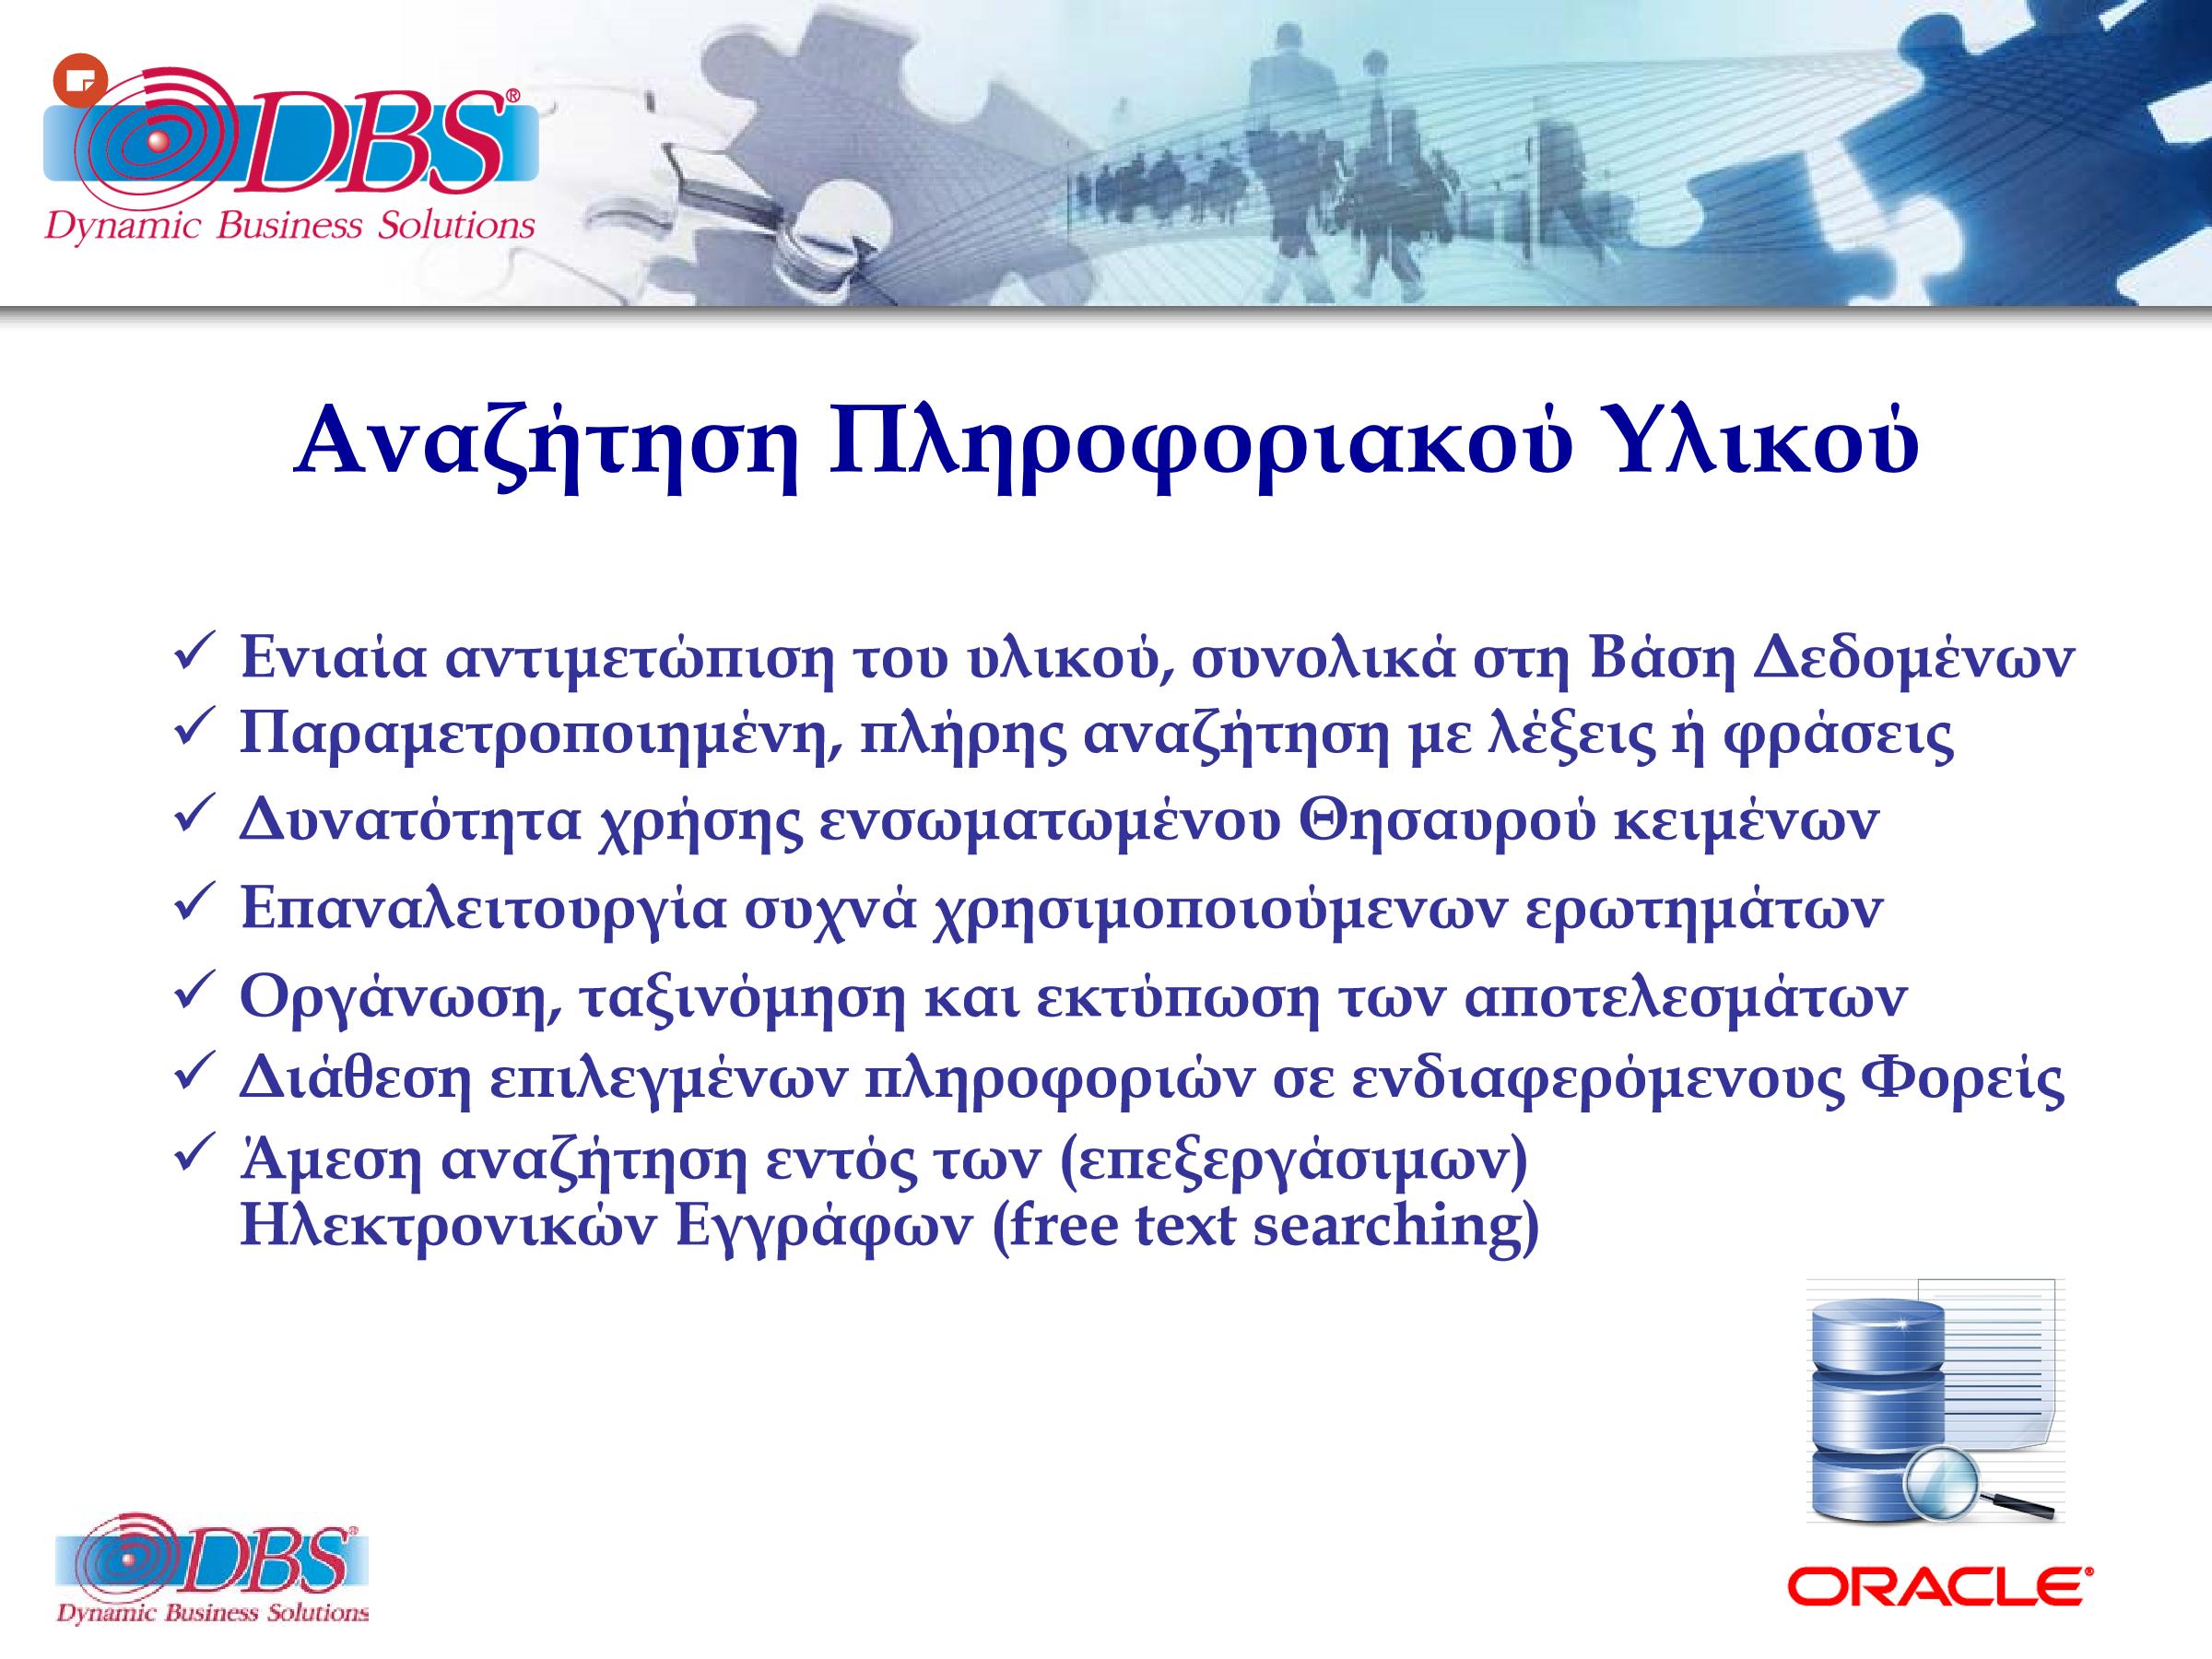 DBSDEMO2019_COMPANY_SERVICES_V18_R12-EL-15